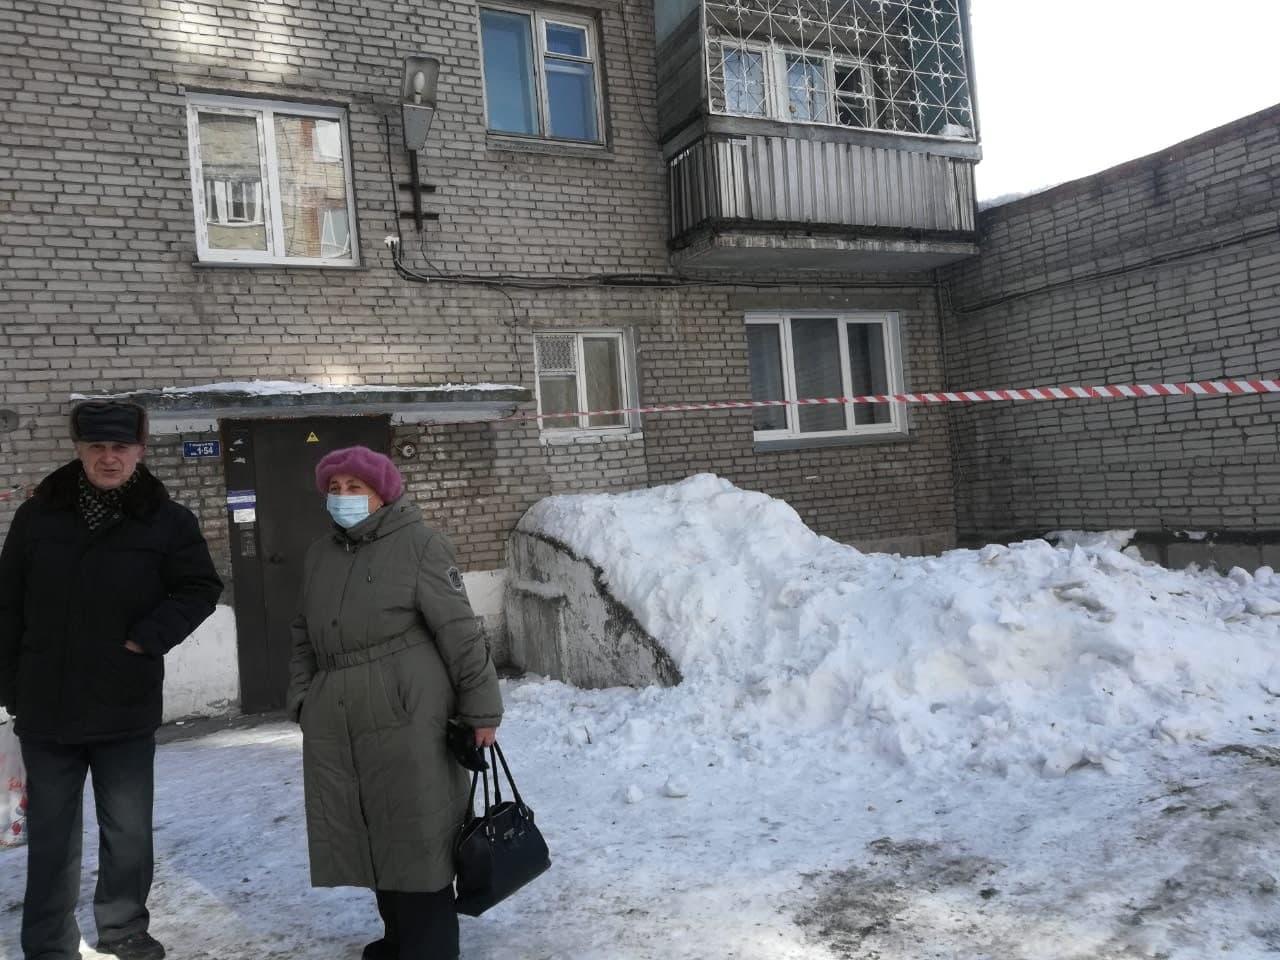 Фото Кровь на снегу: в Новосибирске сосулька-убийца размозжила голову пенсионерке – подробности трагедии 5